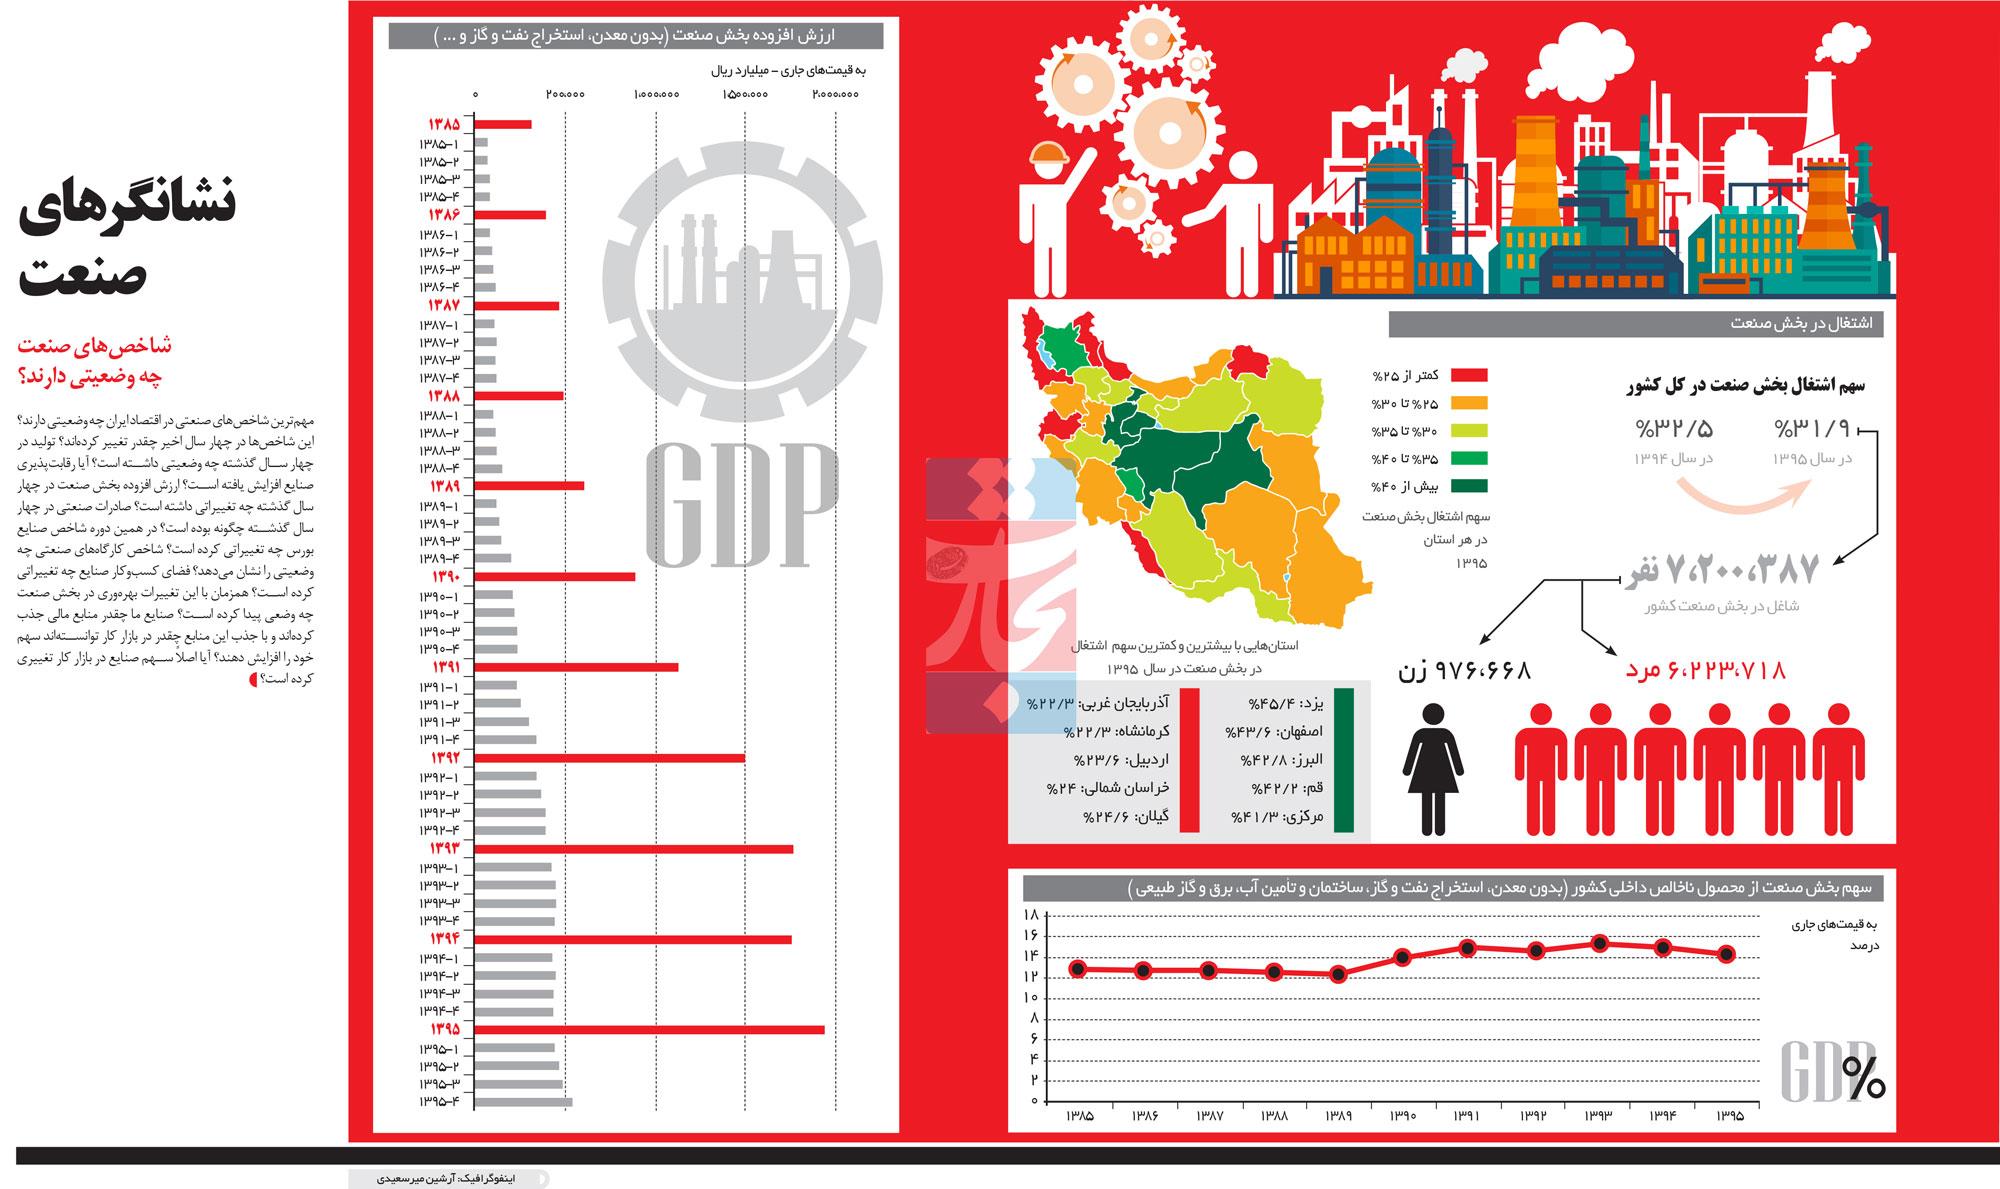 تجارت فردا- اینفوگرافیک - نشانگرهای صنعت